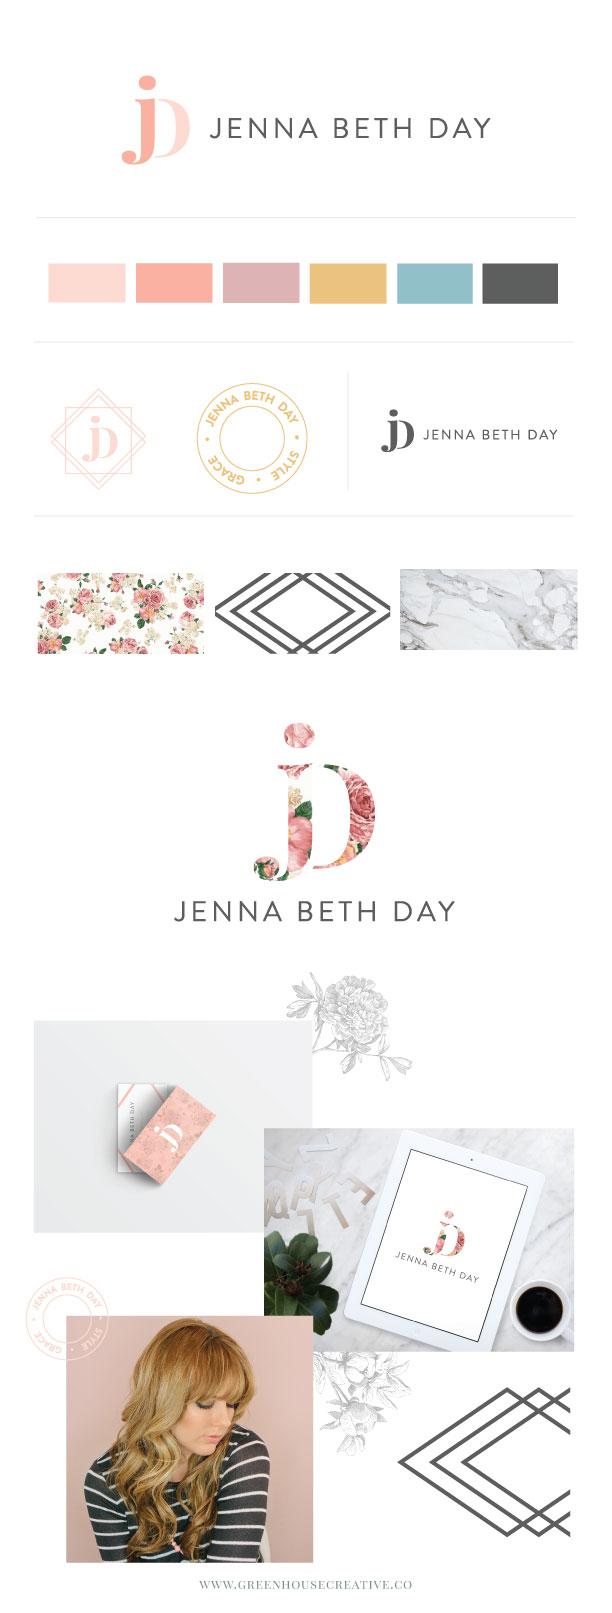 JennaBethDay.jpg